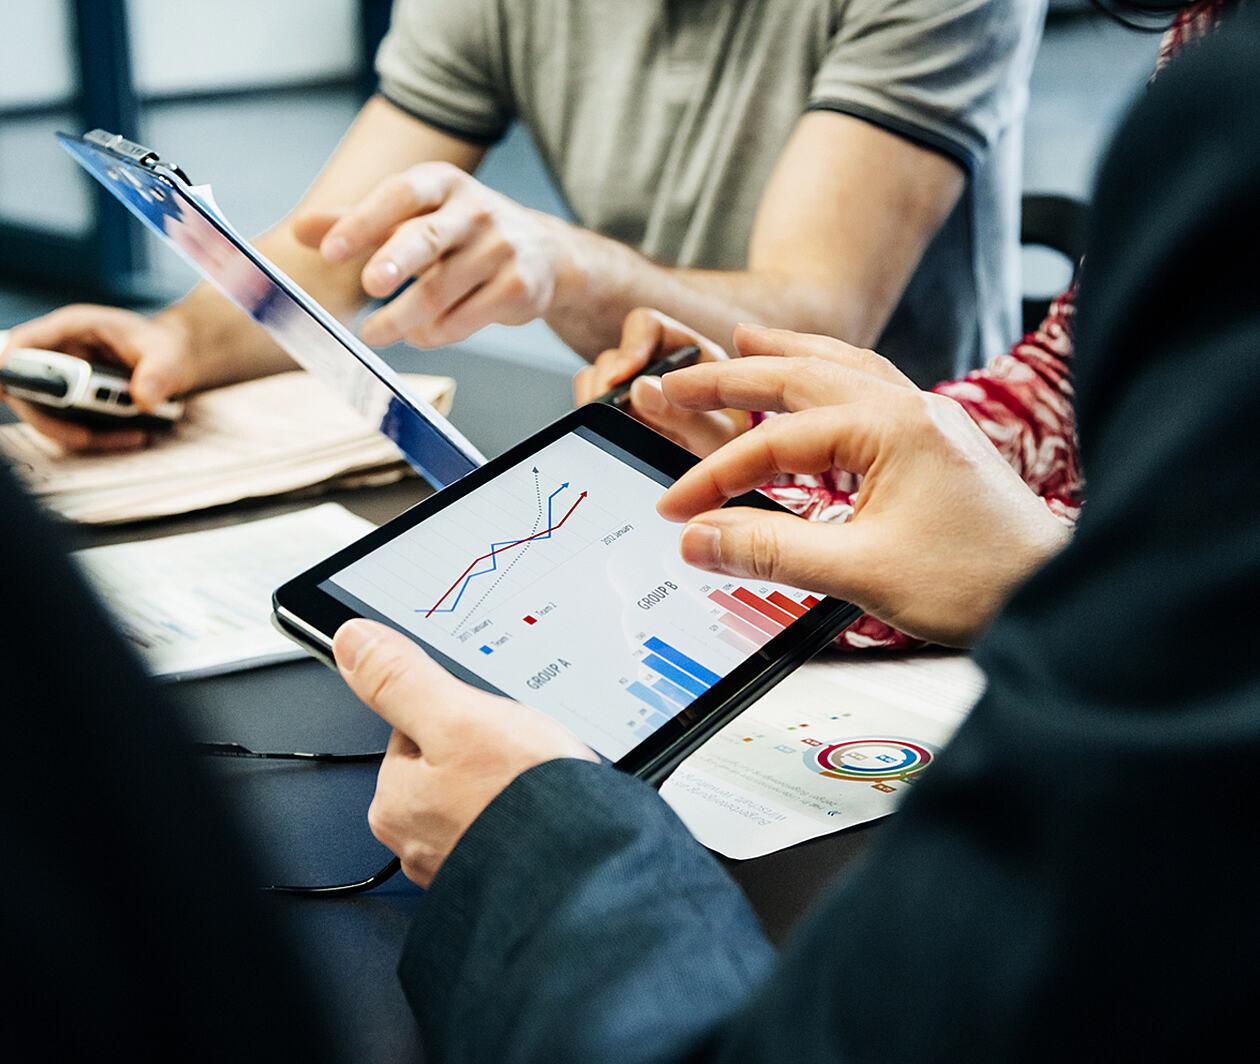 Data Analytics for Business: Basic Analysis and Statistics